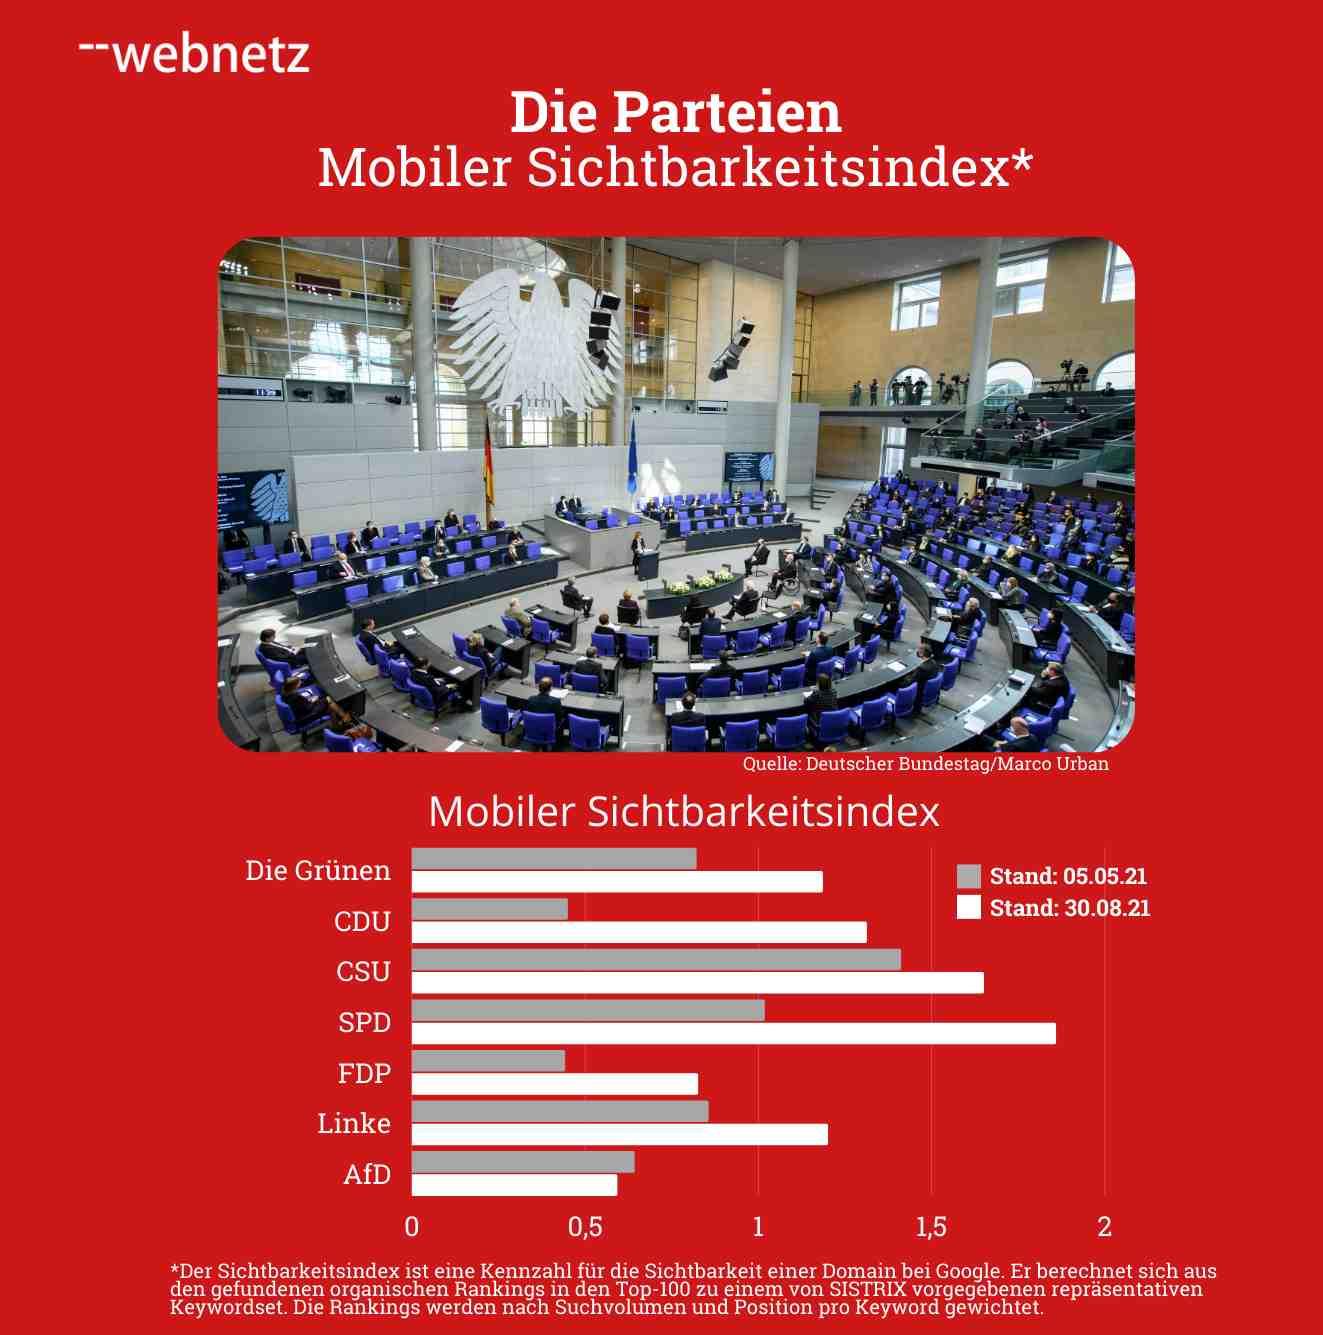 Mobiler Sichtbarkeitsindex der Parteien